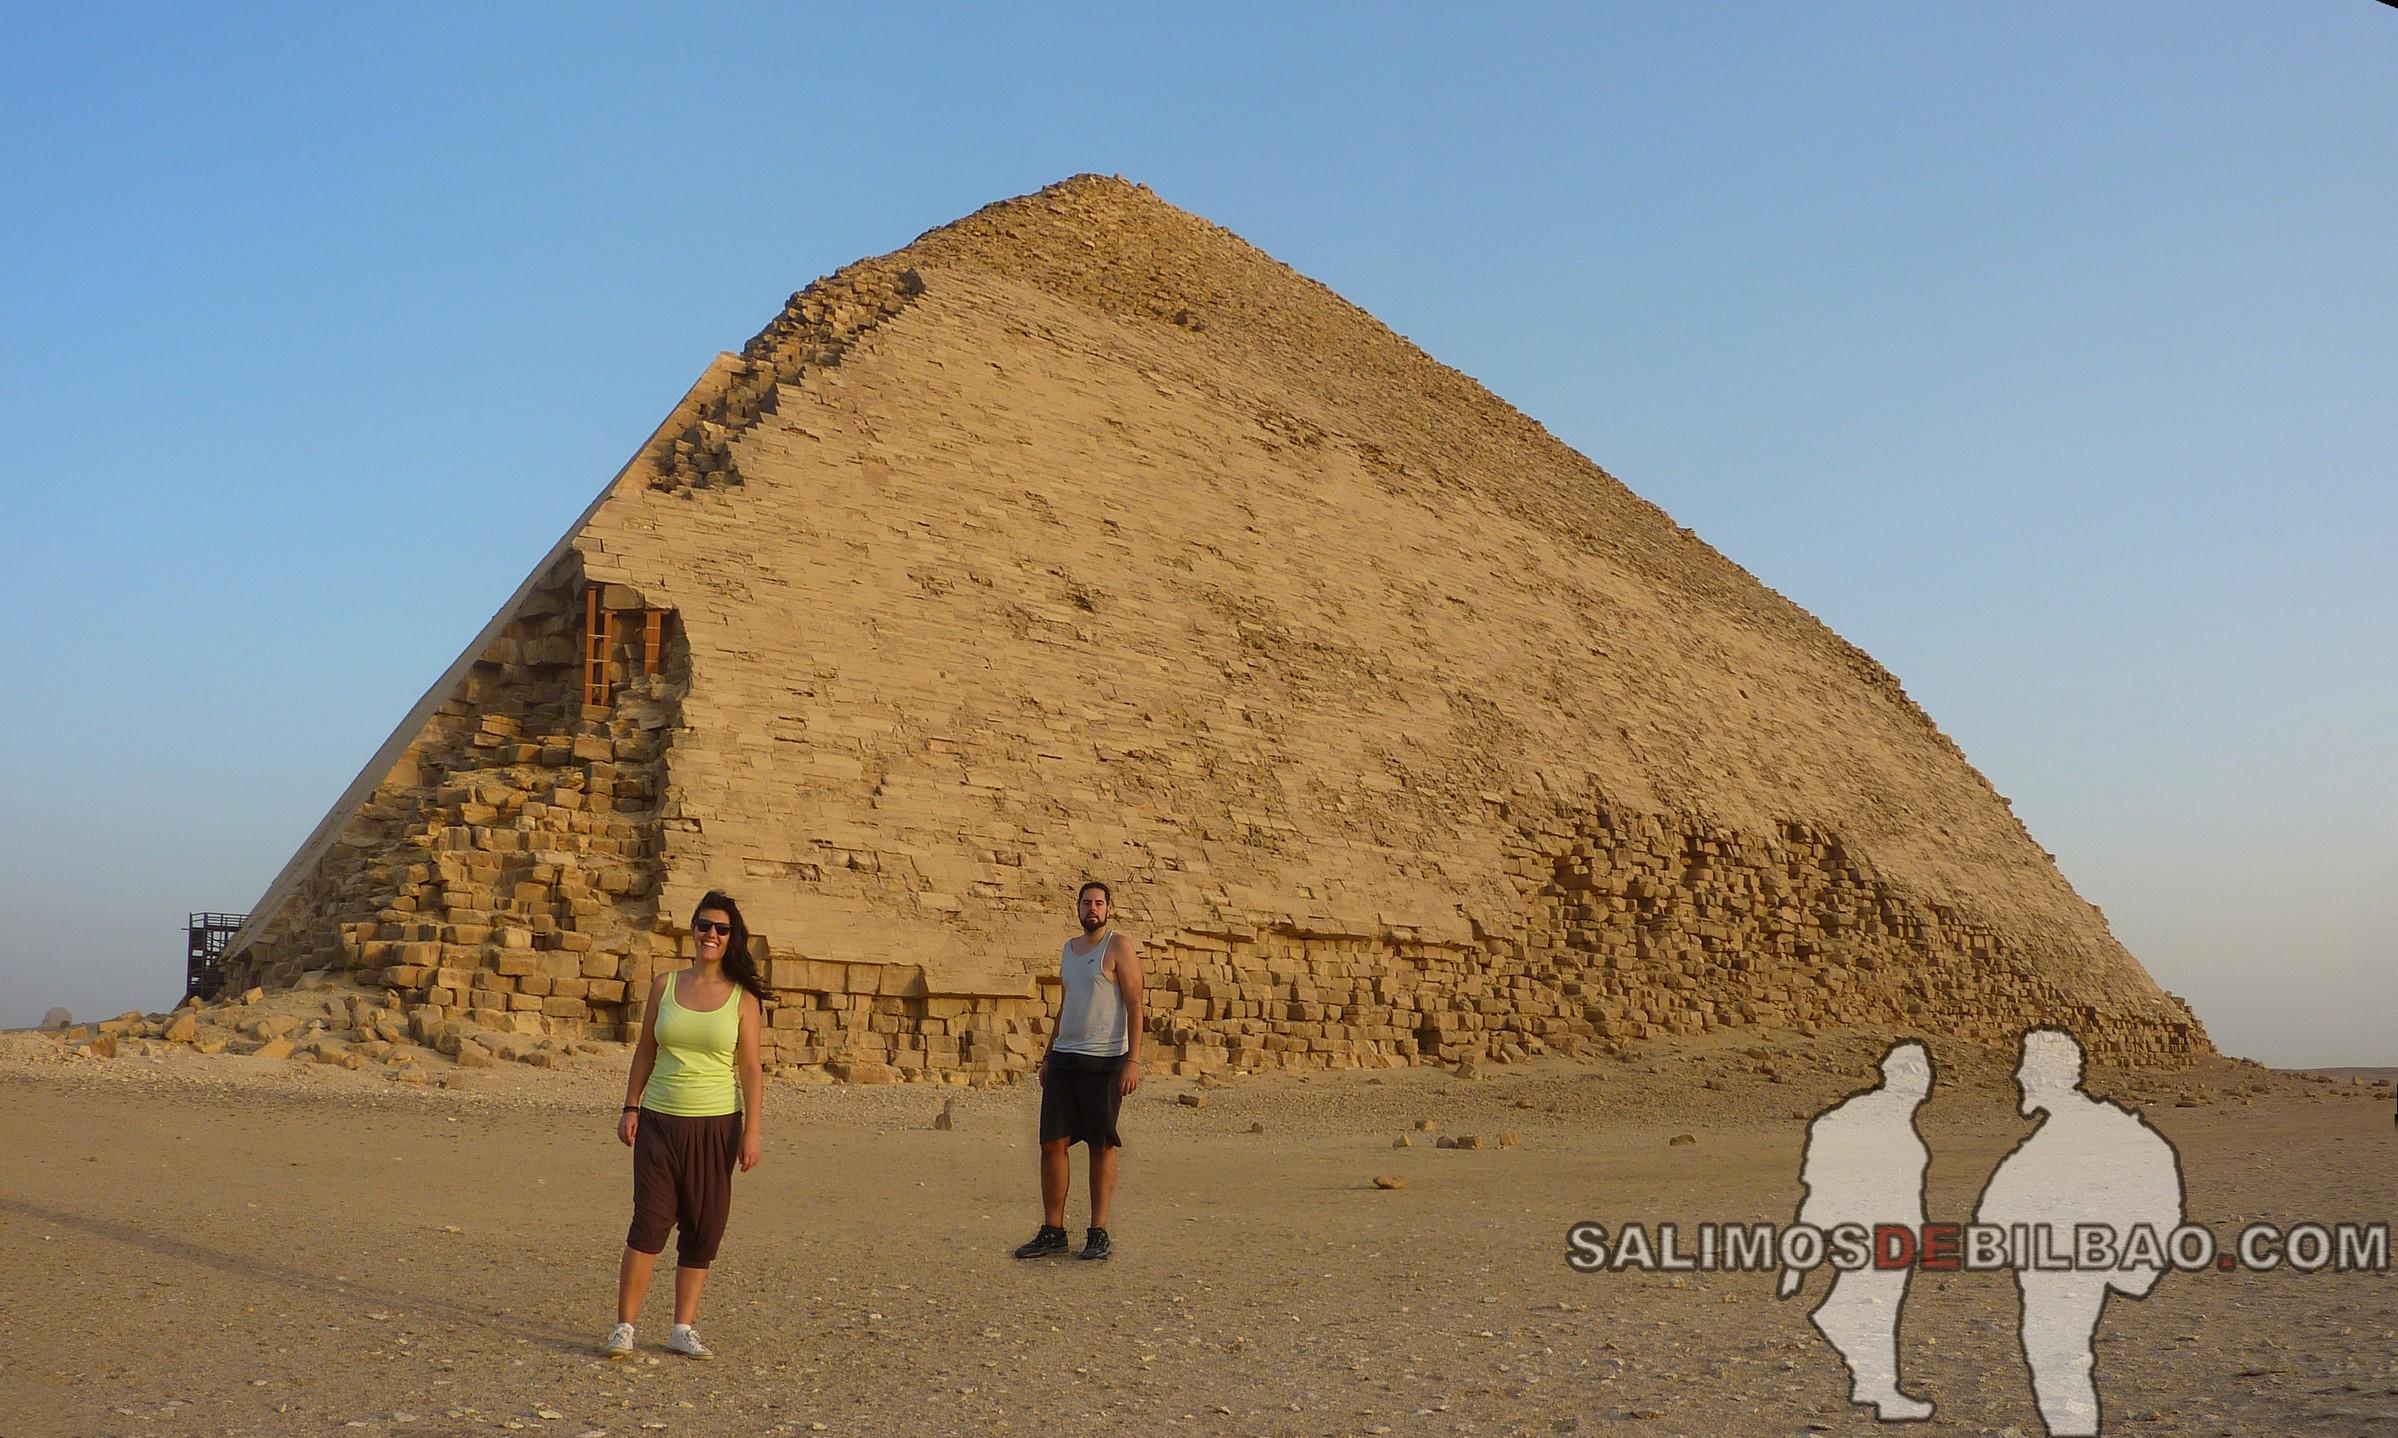 0251. Katz y Saioa, Pano, Pirámide inclinada de Saqqara